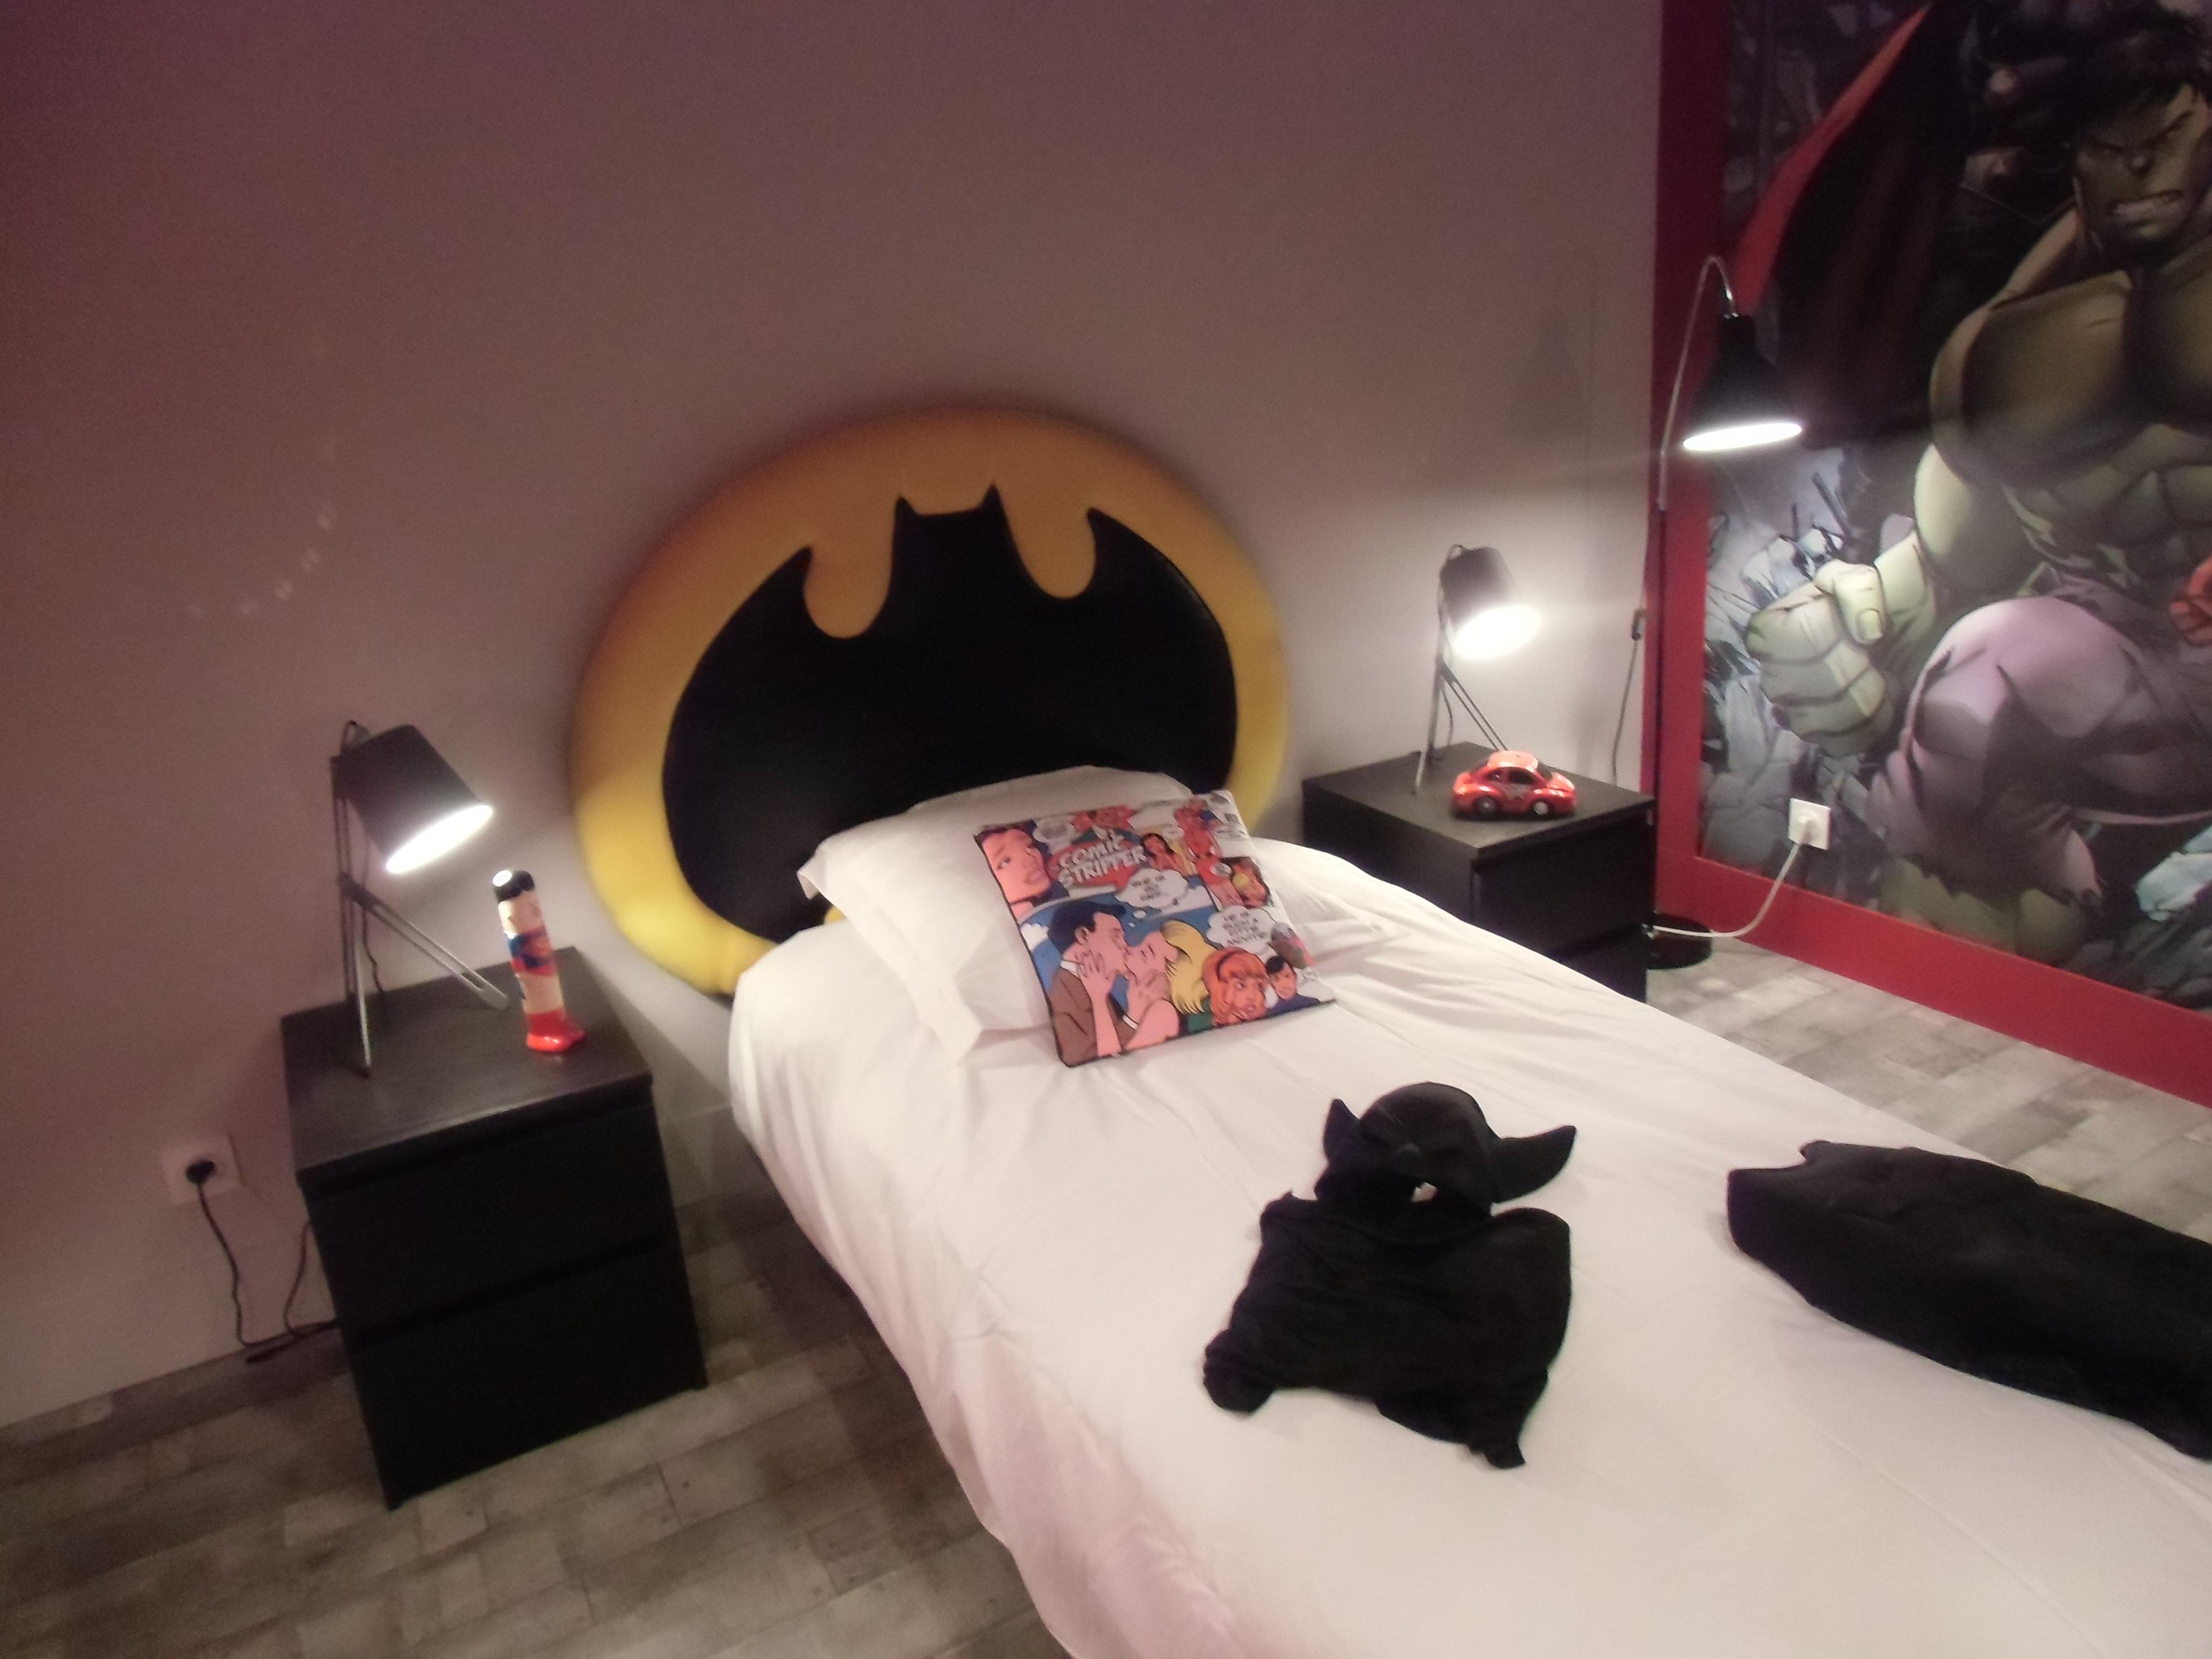 dco design tapissier decorateur tete de lit batman. Black Bedroom Furniture Sets. Home Design Ideas